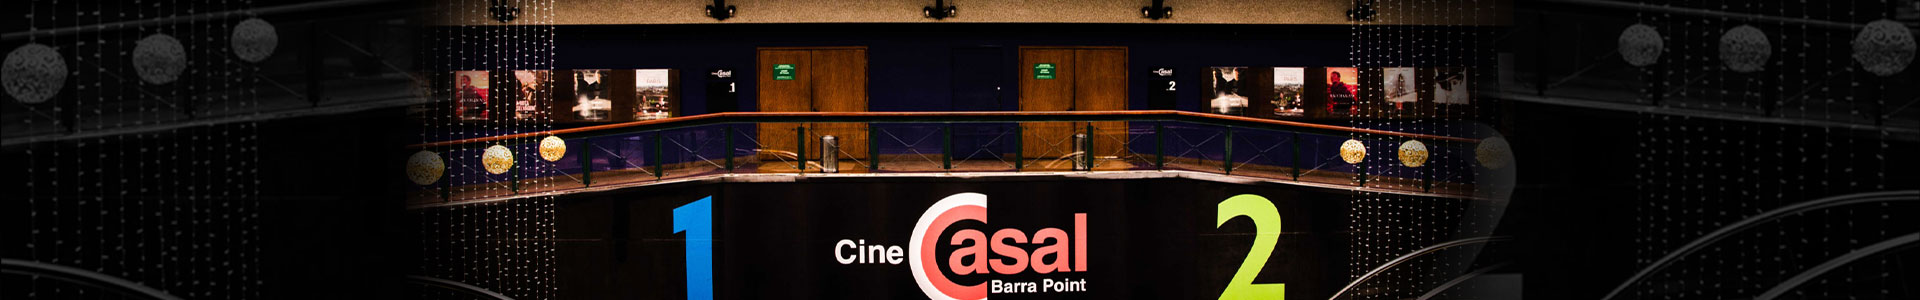 Cine Casal Barra Point